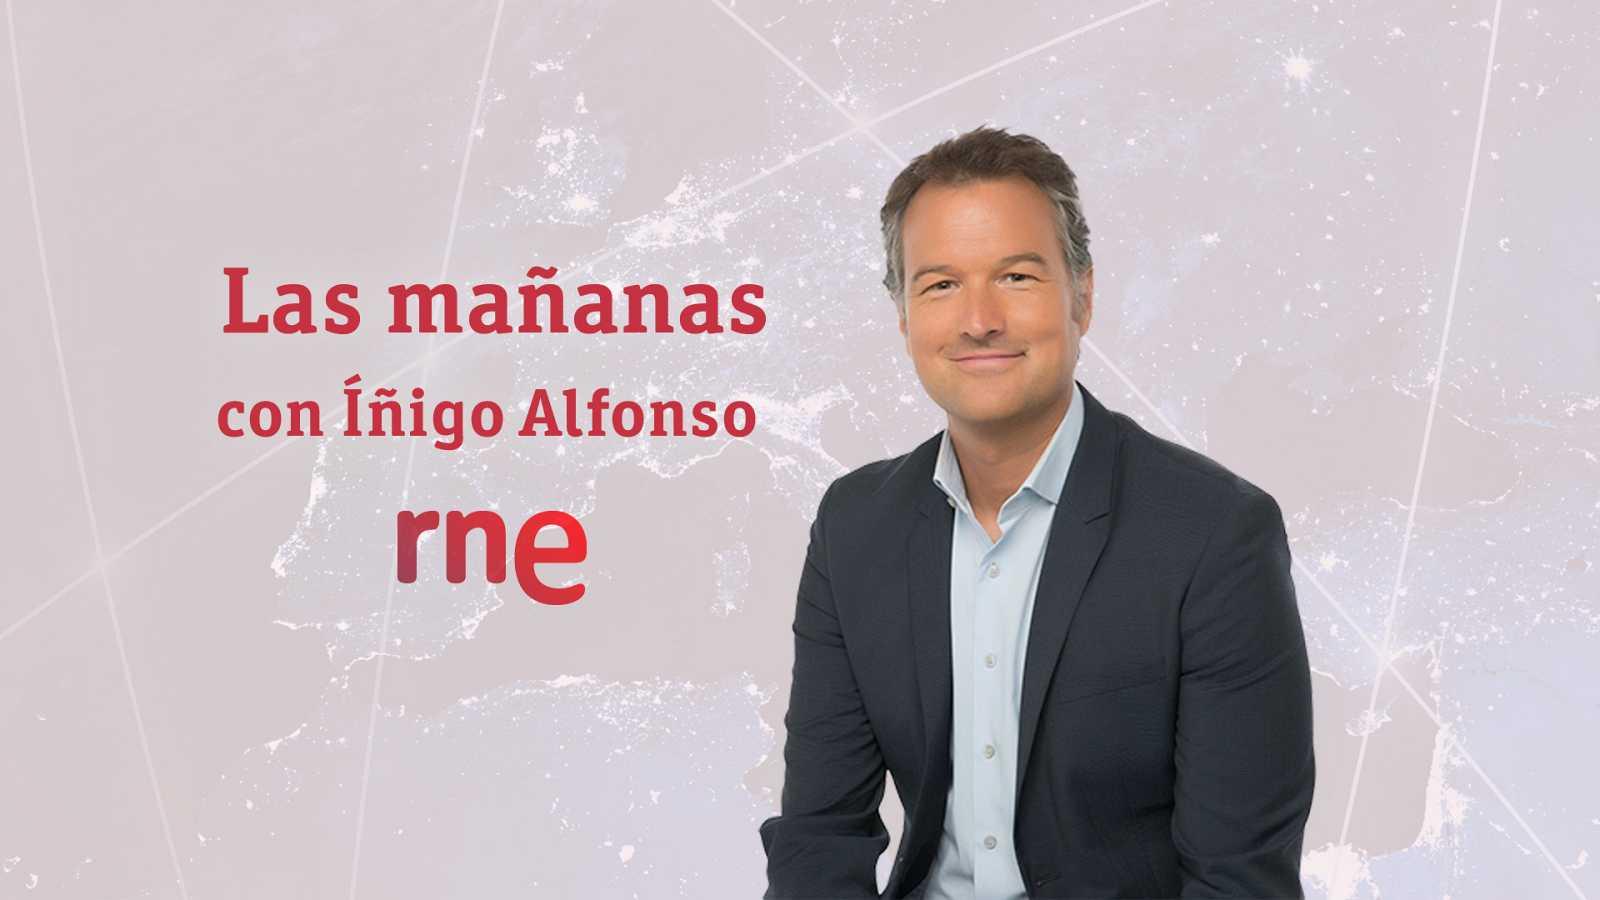 Las mañanas de RNE con Íñigo Alfonso - Primera hora - 27/03/20 - escuchar ahora